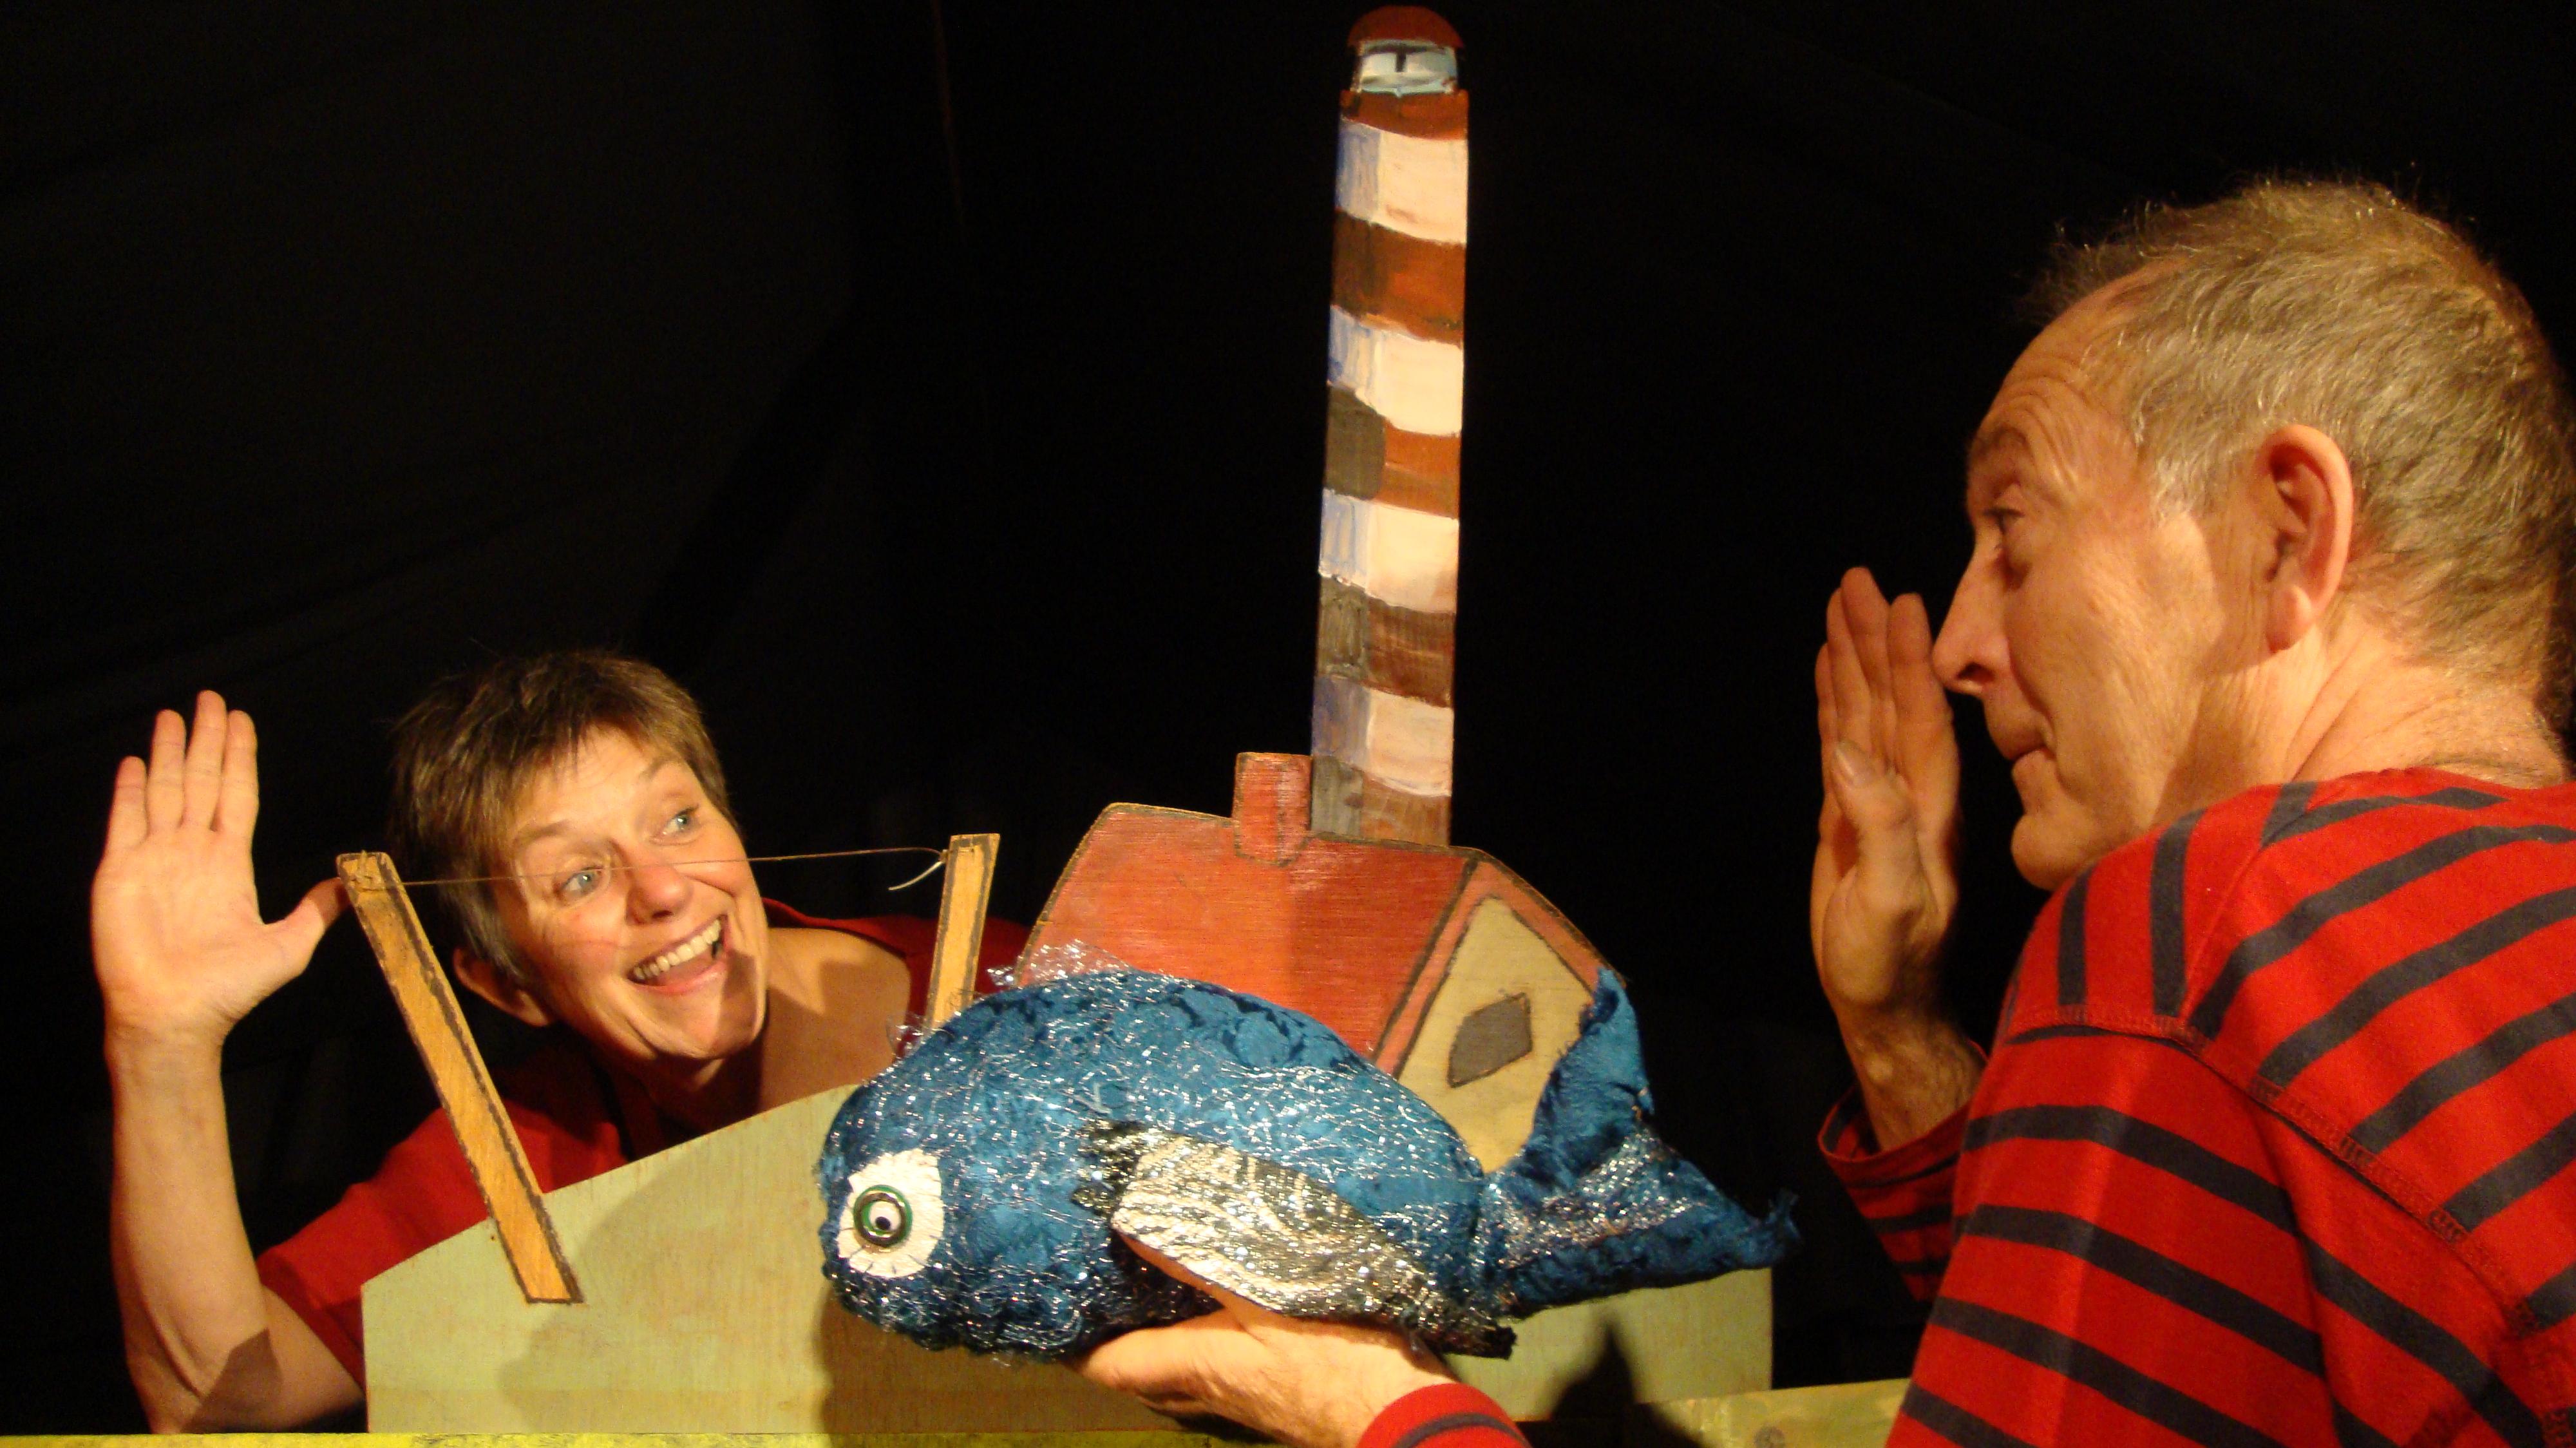 Het Zoldertheater speelt 'Op reis met Kleine Walvis' in School 7. (Foto: aangeleverd)